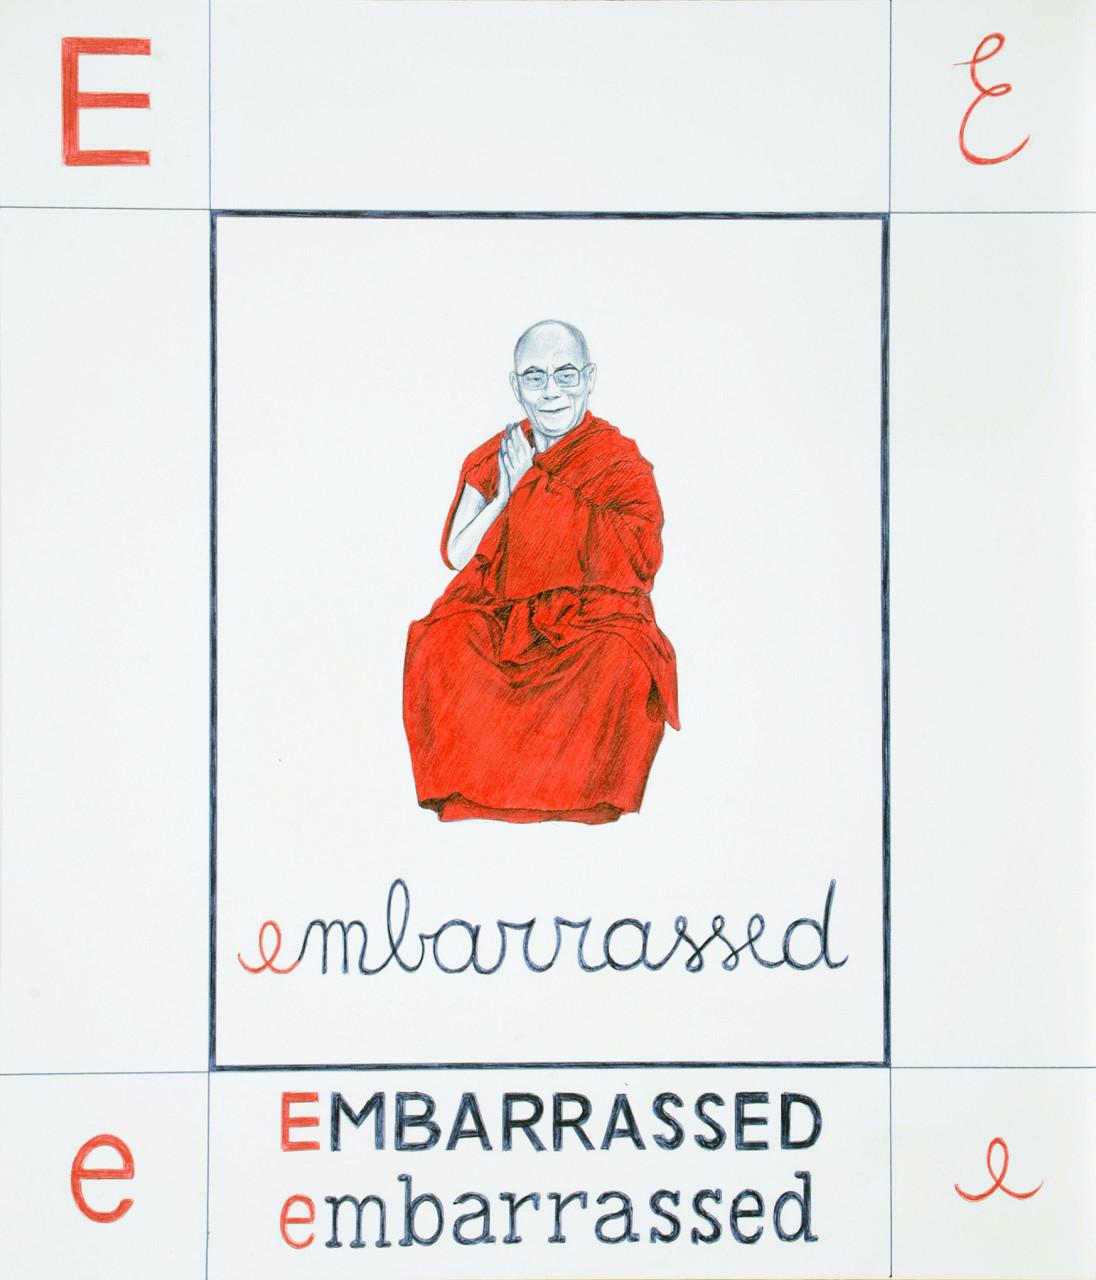 05E-embarassed_bassa